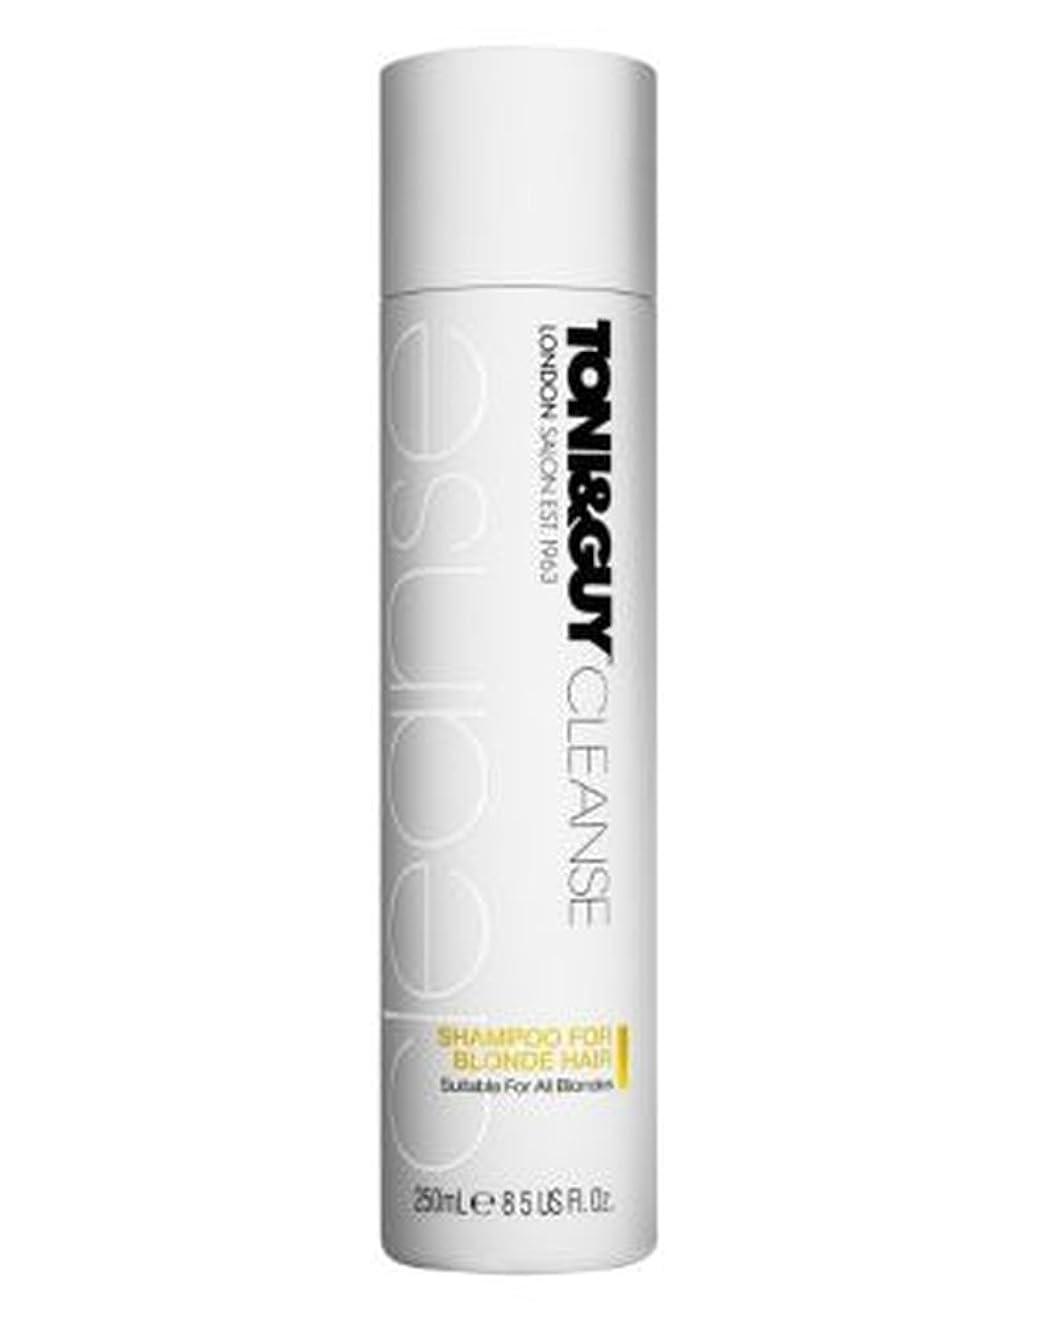 連邦囲まれたレベルトニ&男は金髪の250ミリリットルのためのシャンプーを清めます (Toni & Guy) (x2) - Toni&Guy Cleanse Shampoo for Blonde Hair 250ml (Pack of 2) [並行輸入品]